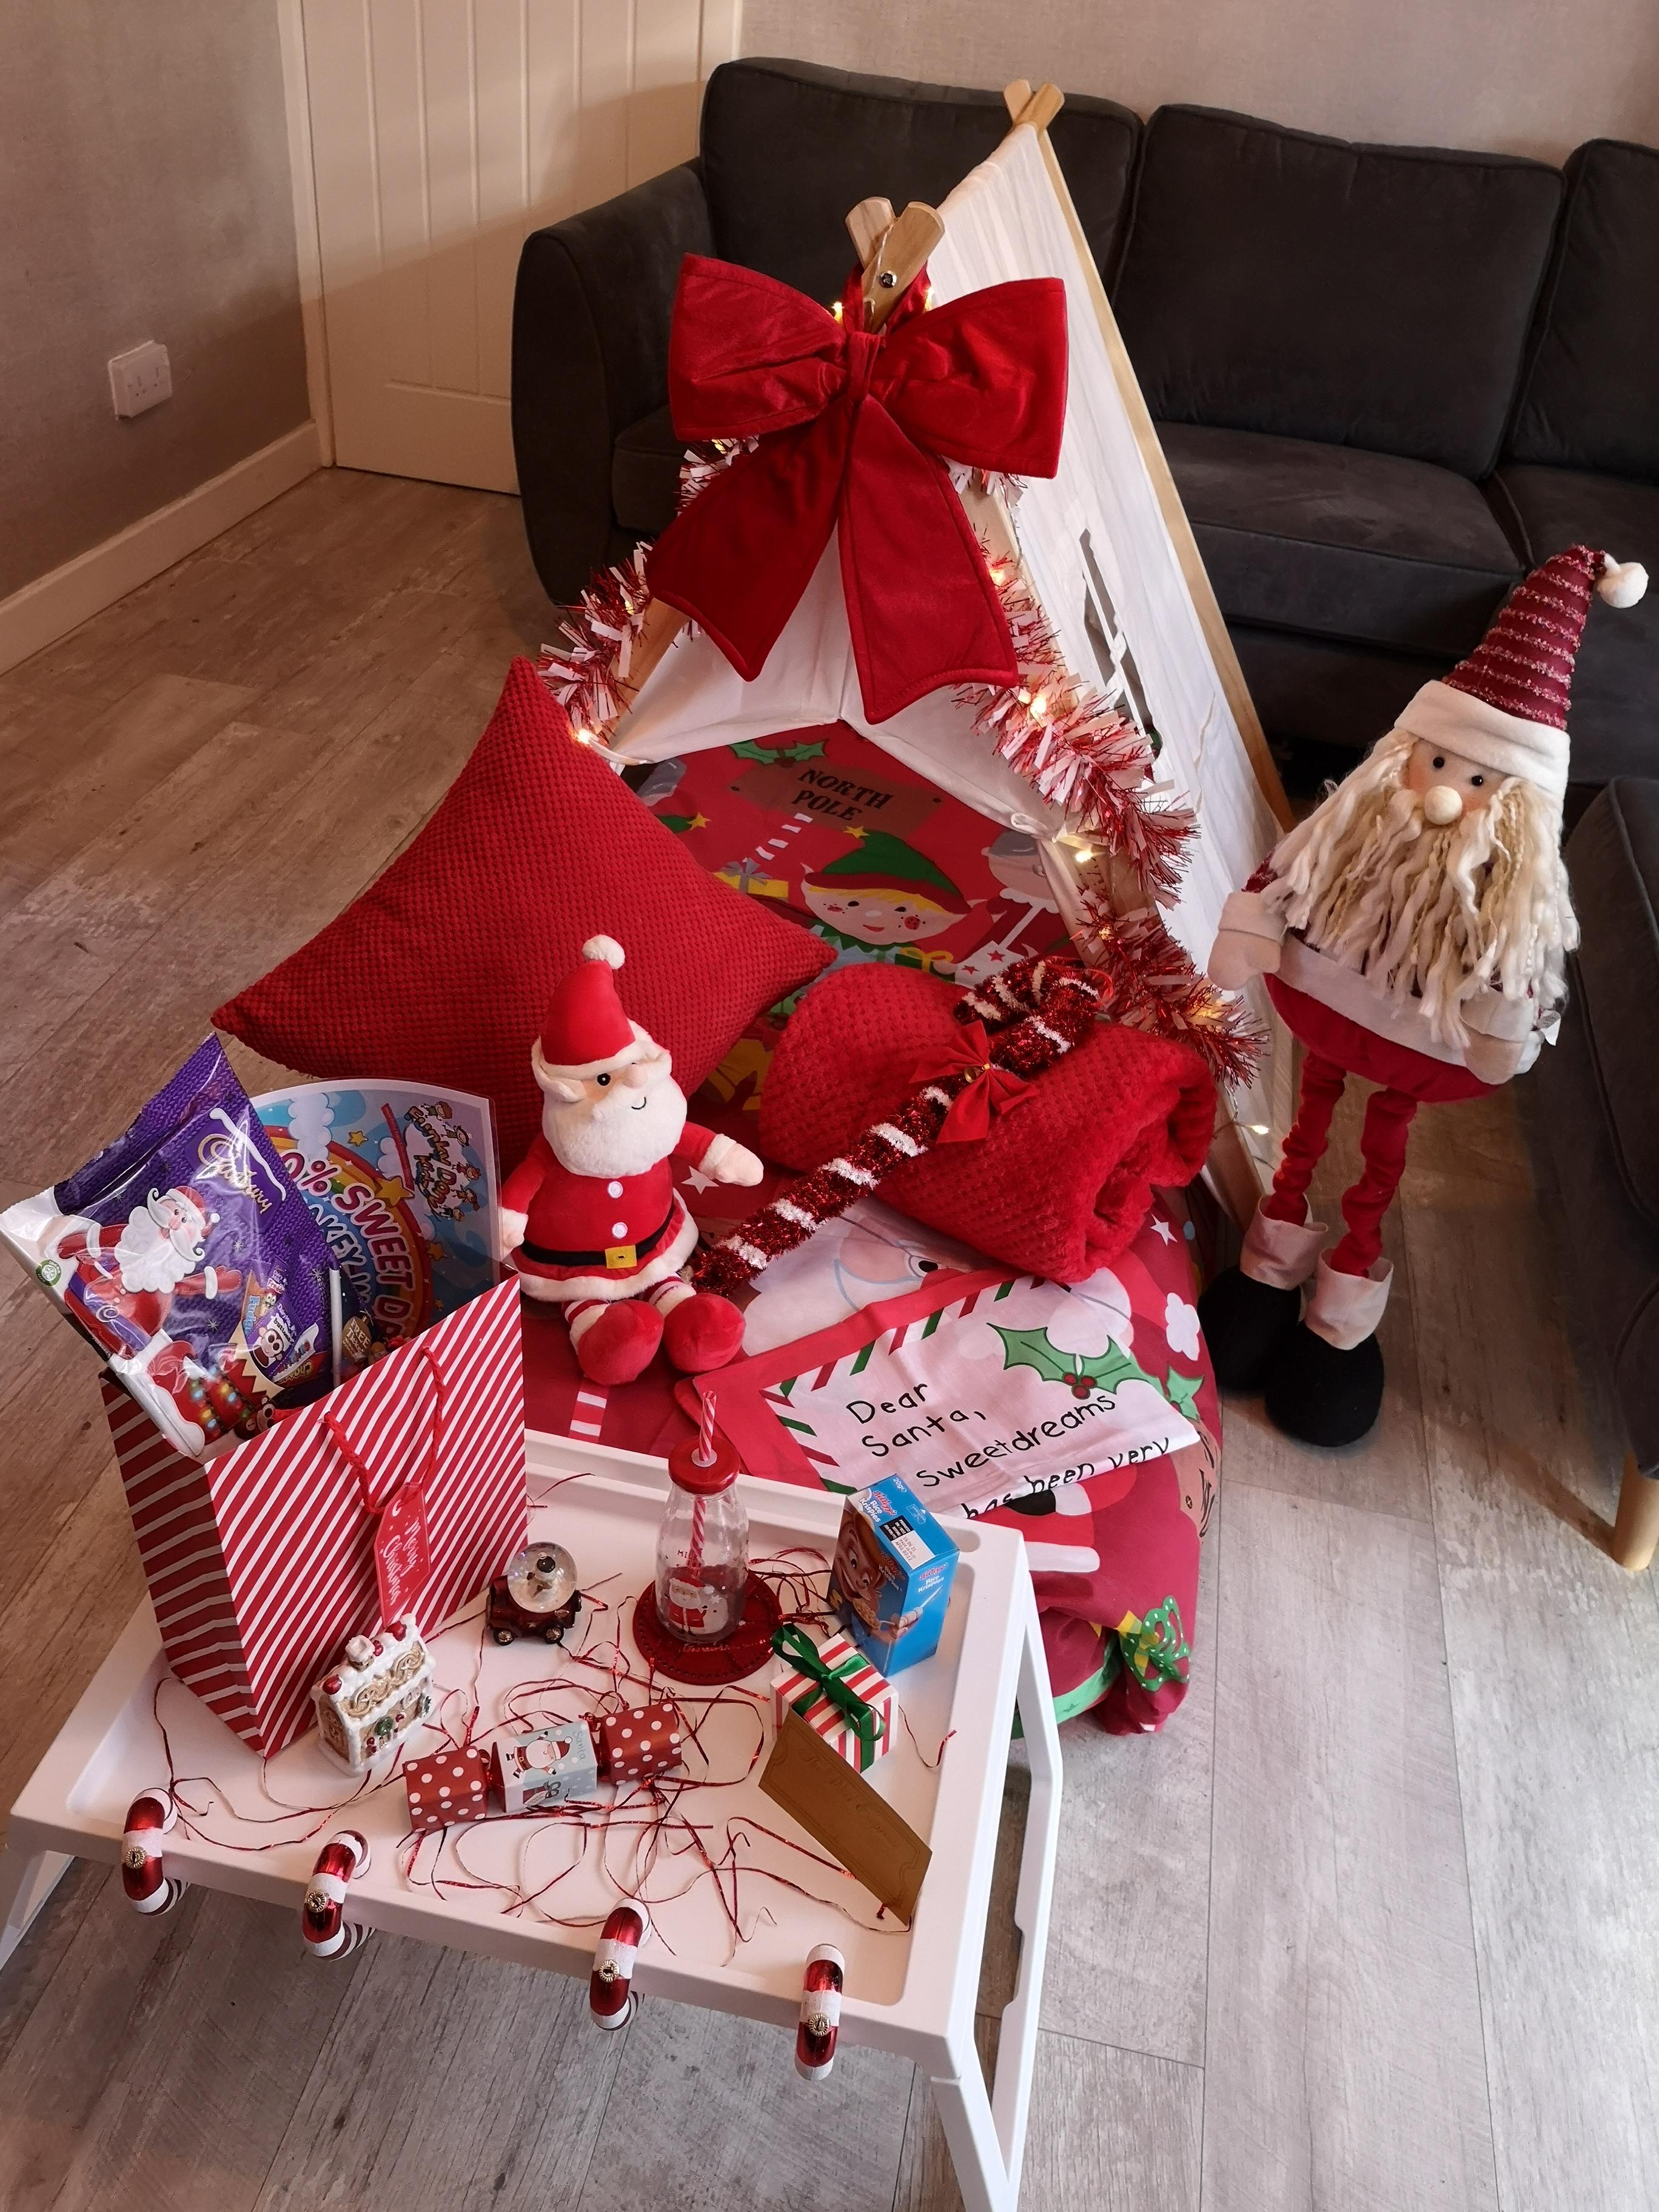 We B.E.L.I.E.V.E - Christmas Theme